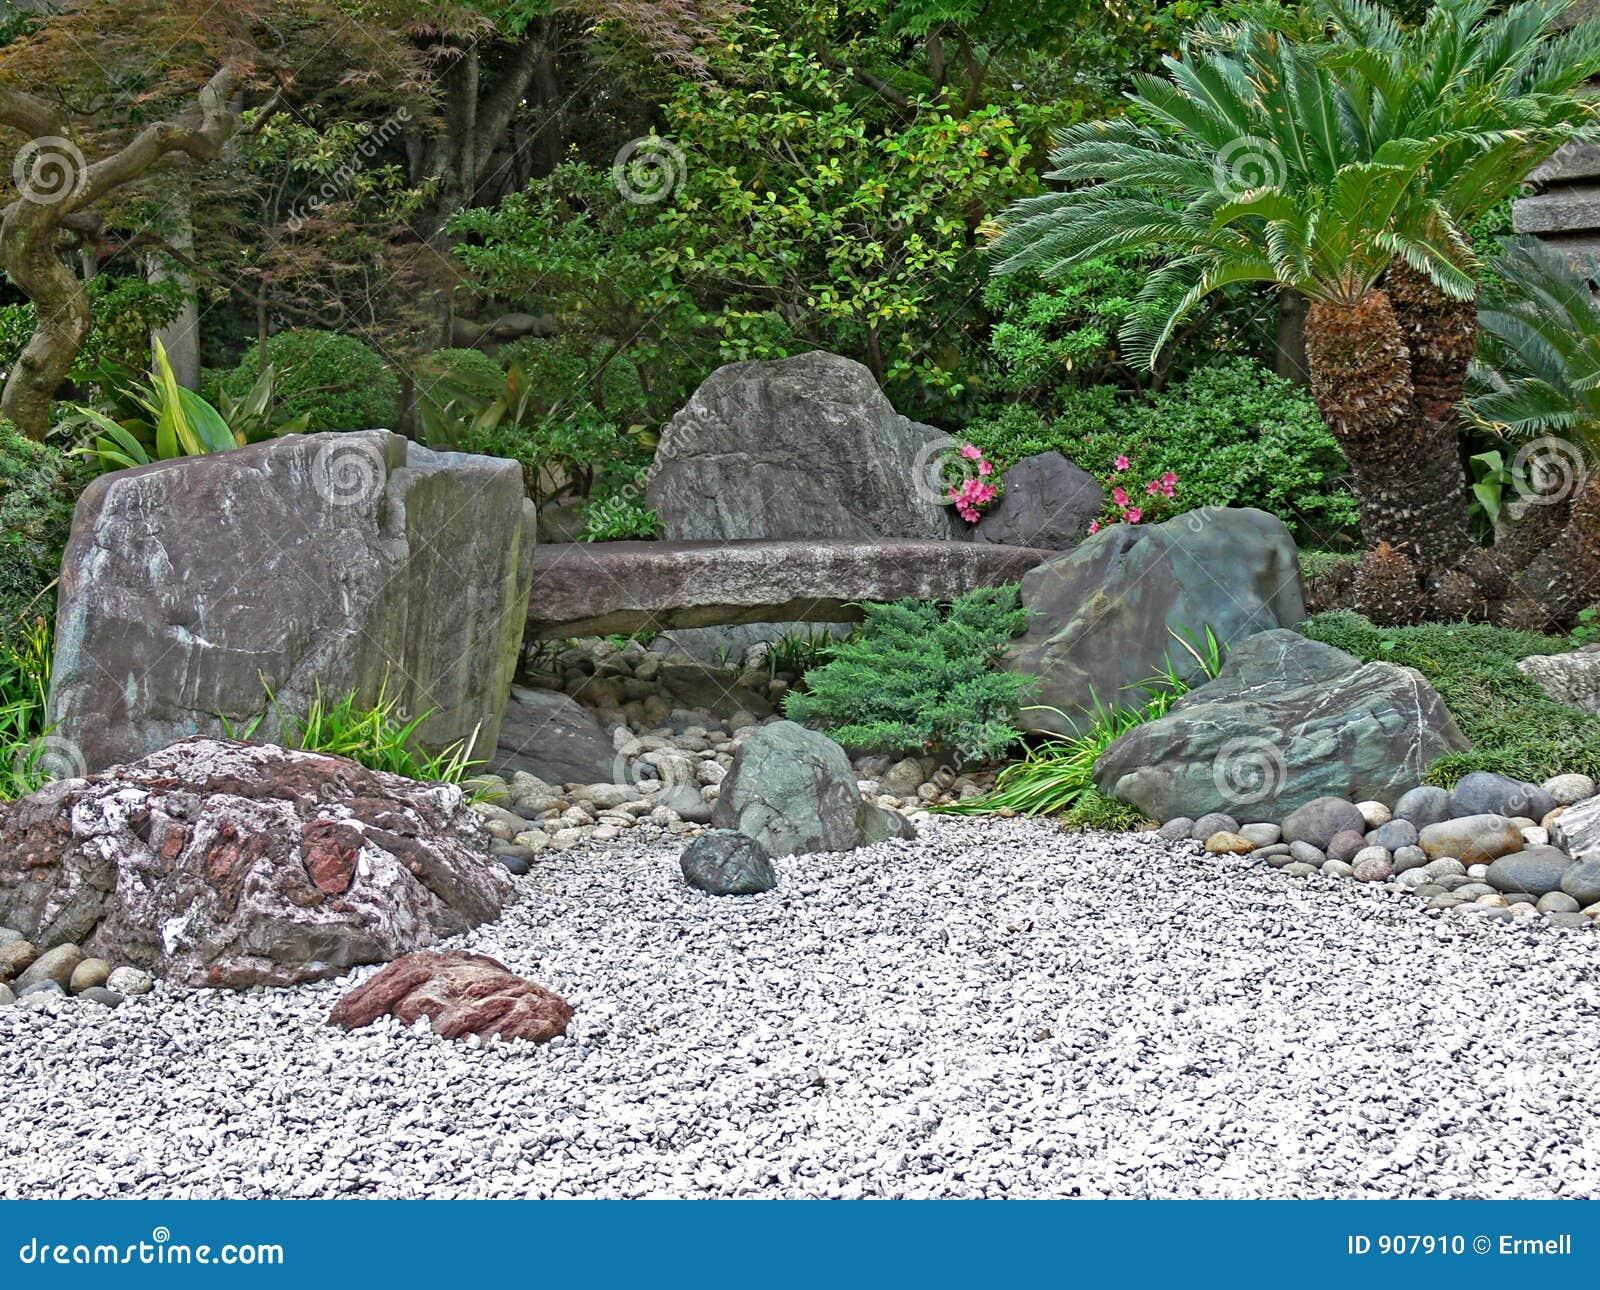 Zen Garden Photography Zen garden with plants Zen Garden Photography